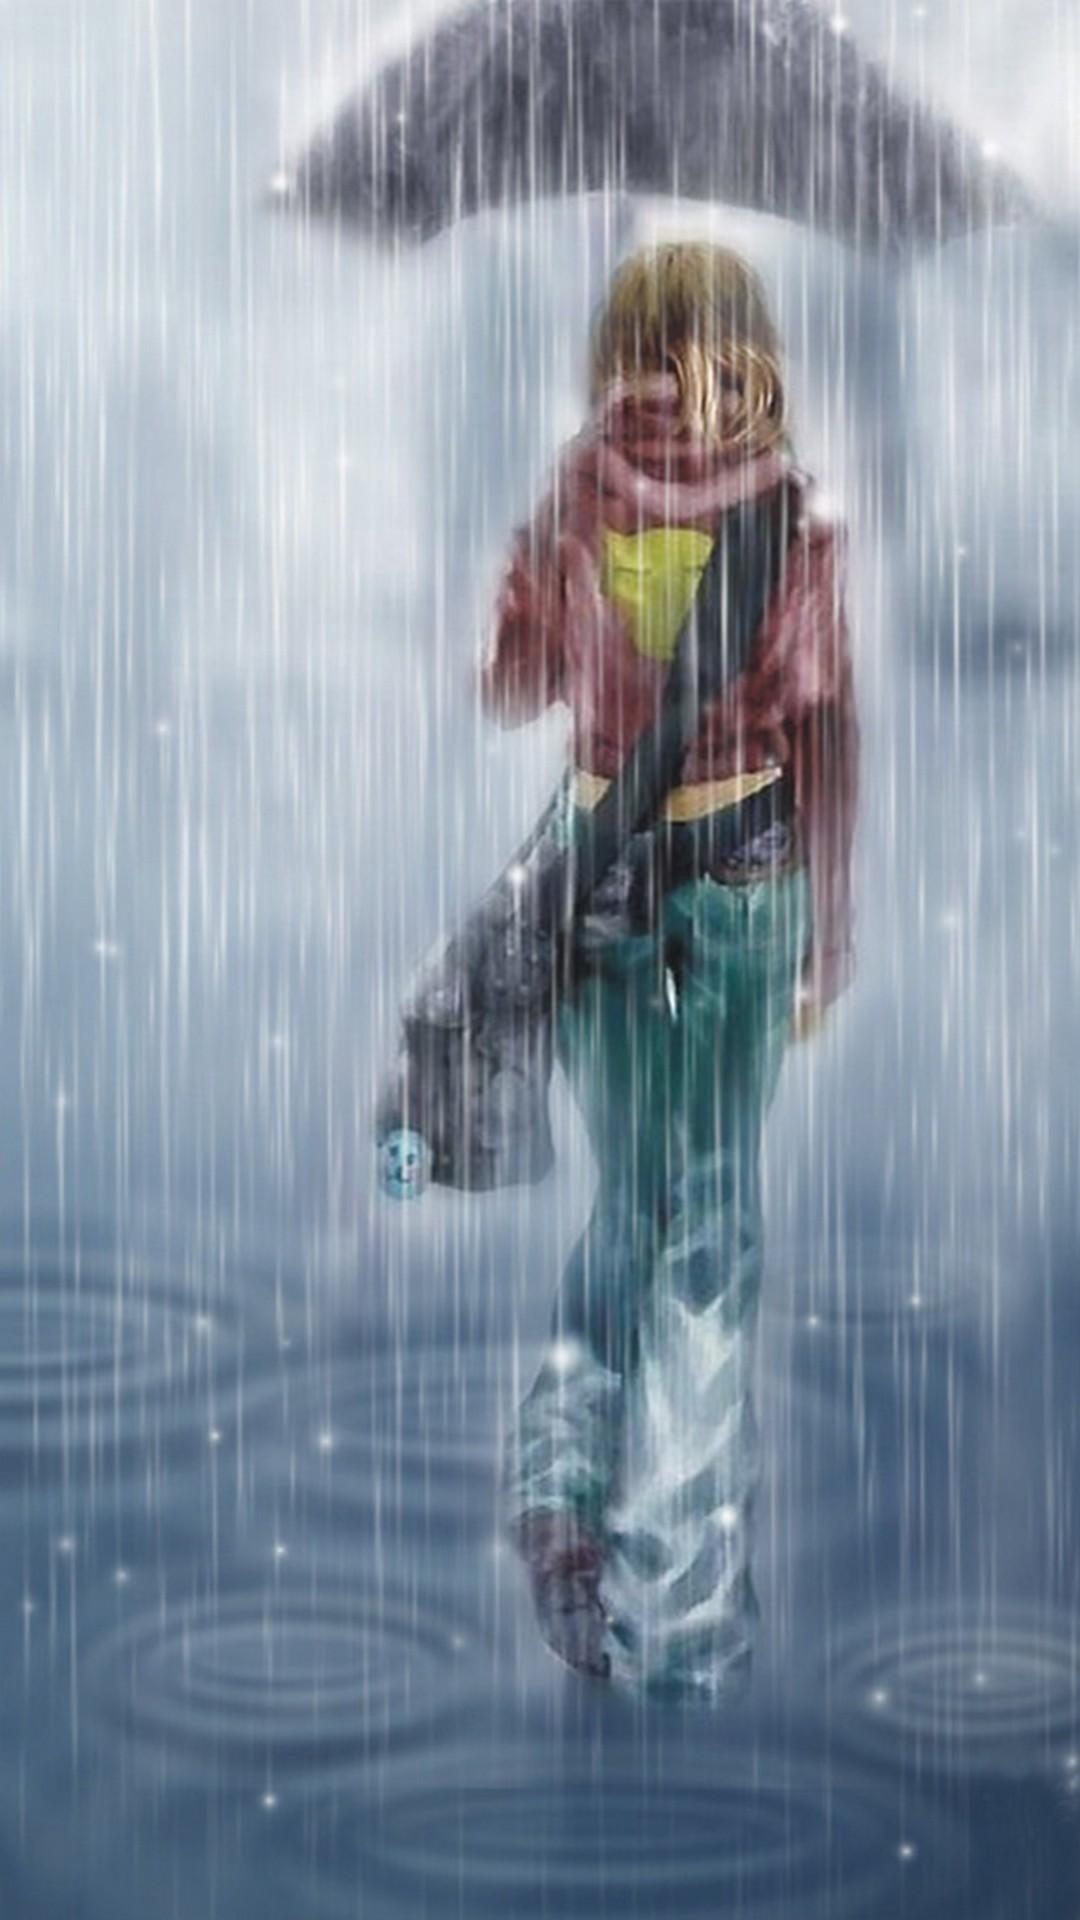 41+ Anime Rain Wallpapers on WallpaperSafari